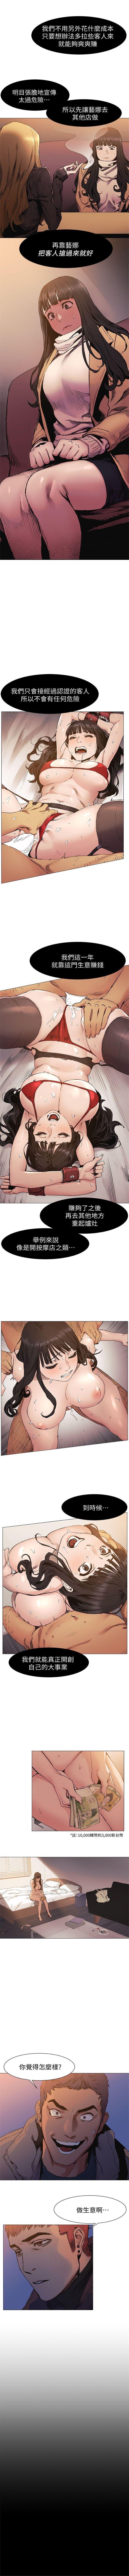 (週5)衝突 1-94 中文翻譯 (更新中) 153